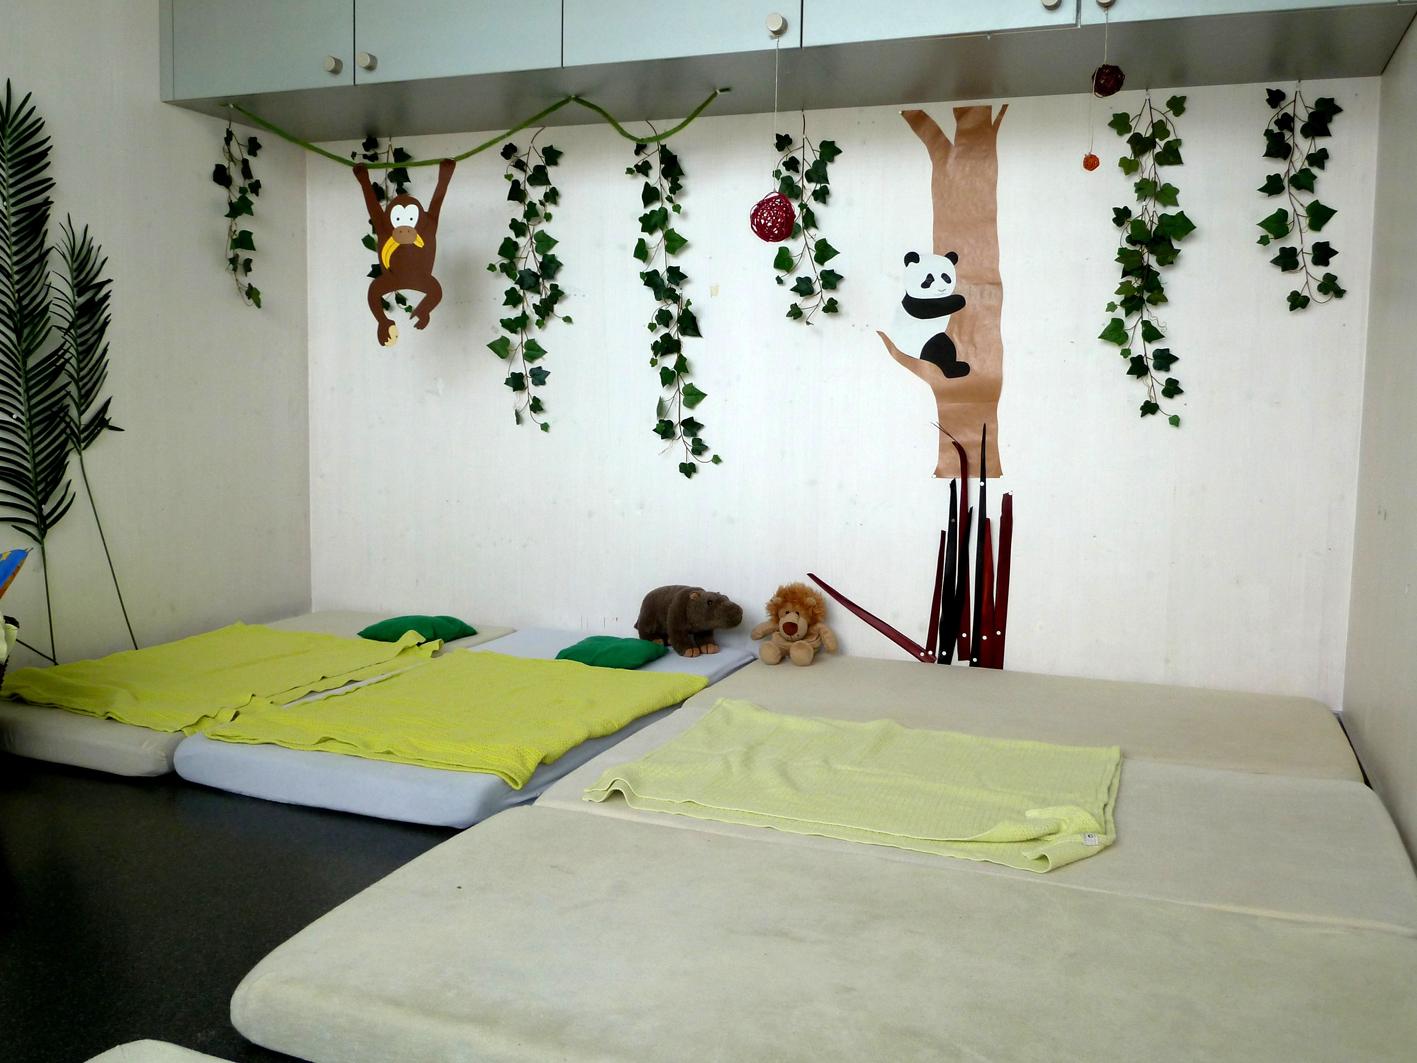 babyecke im schlafzimmer gestalten – menerima, Schlafzimmer entwurf